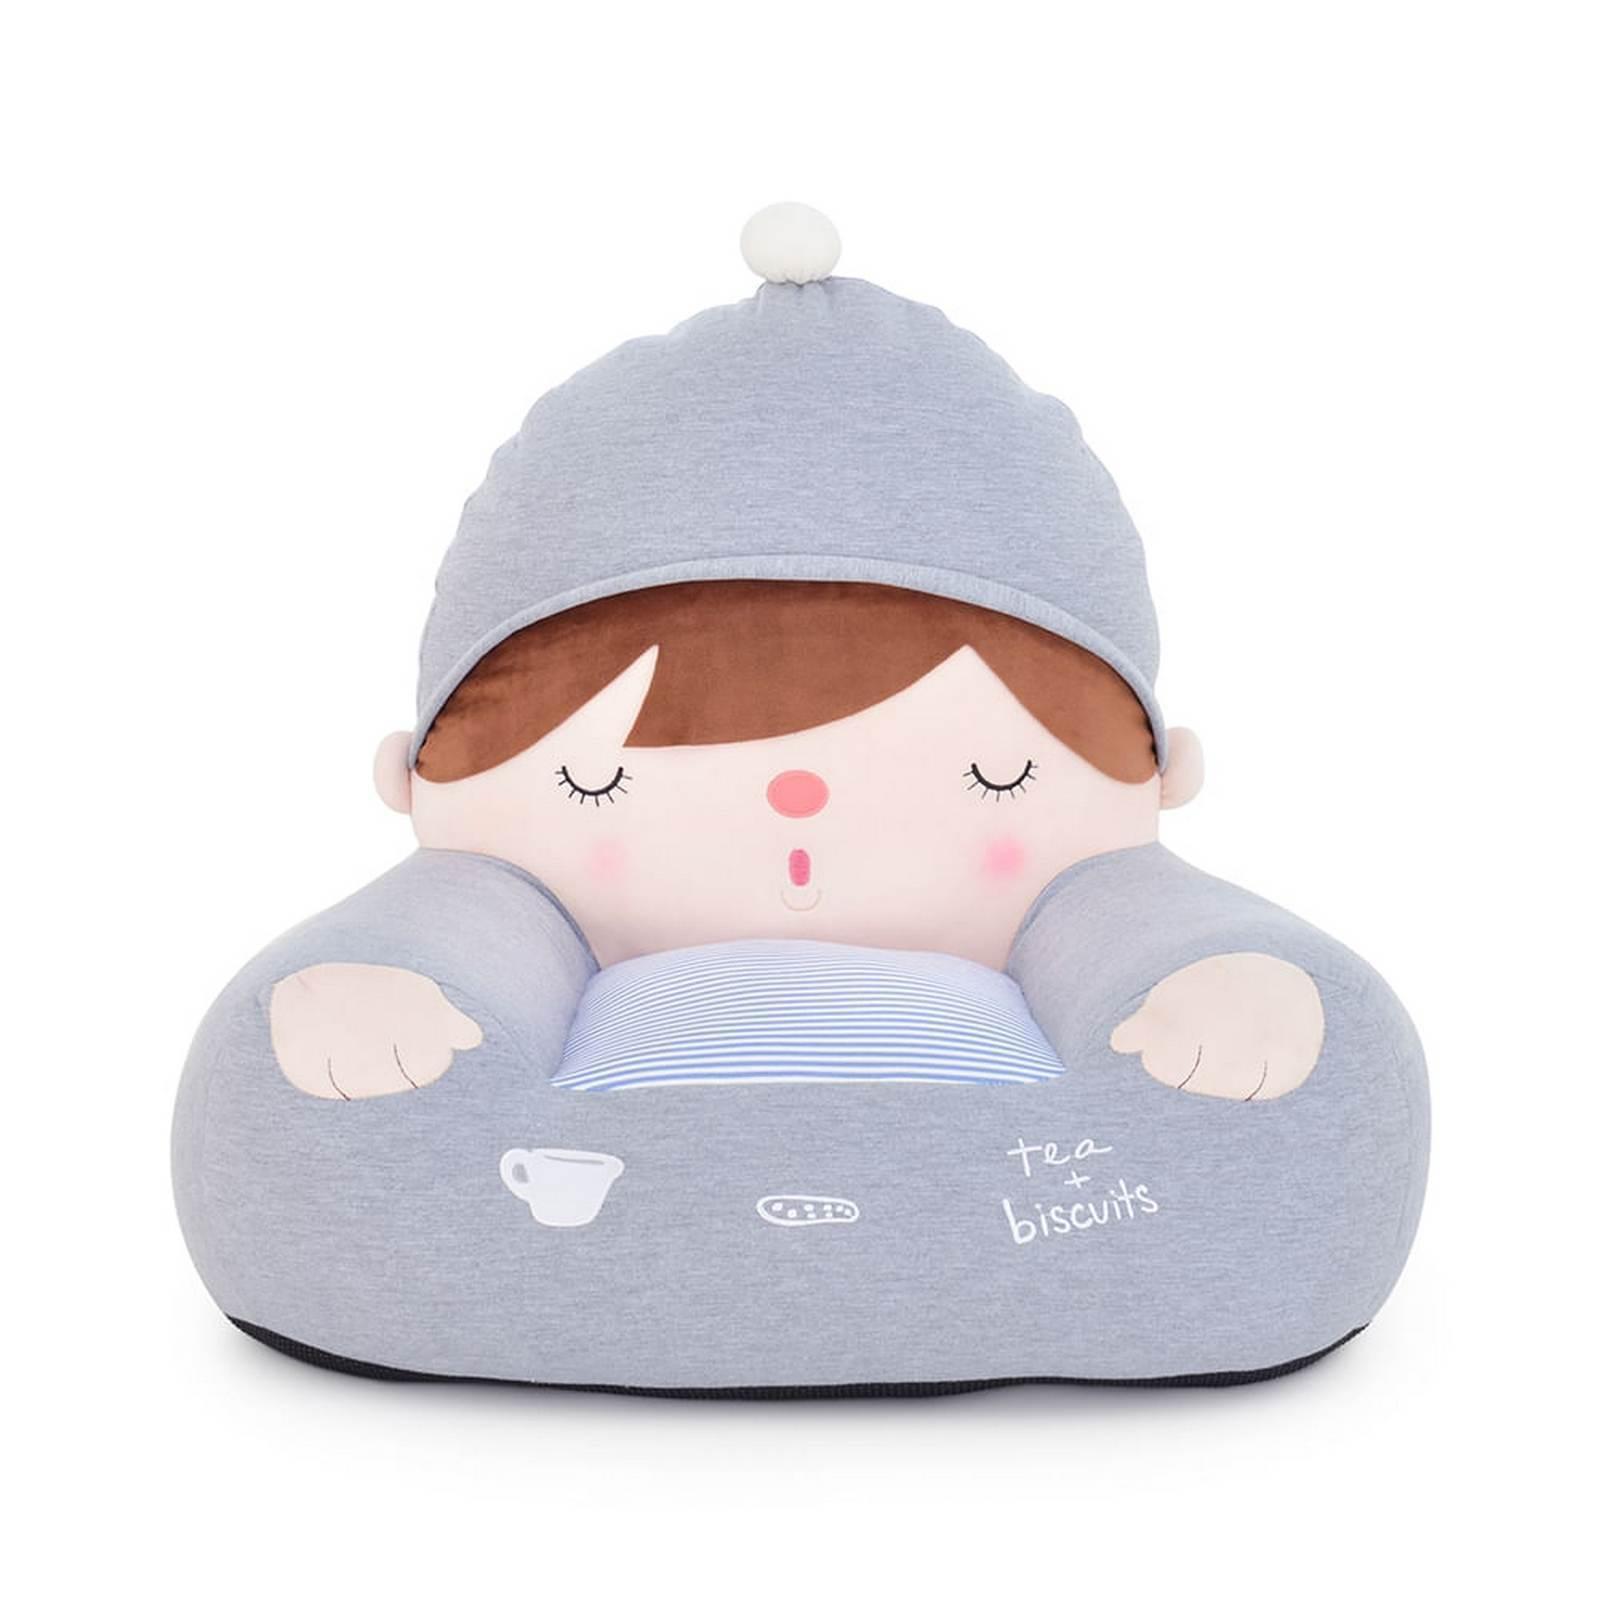 Mini Sofa Metoo Menino